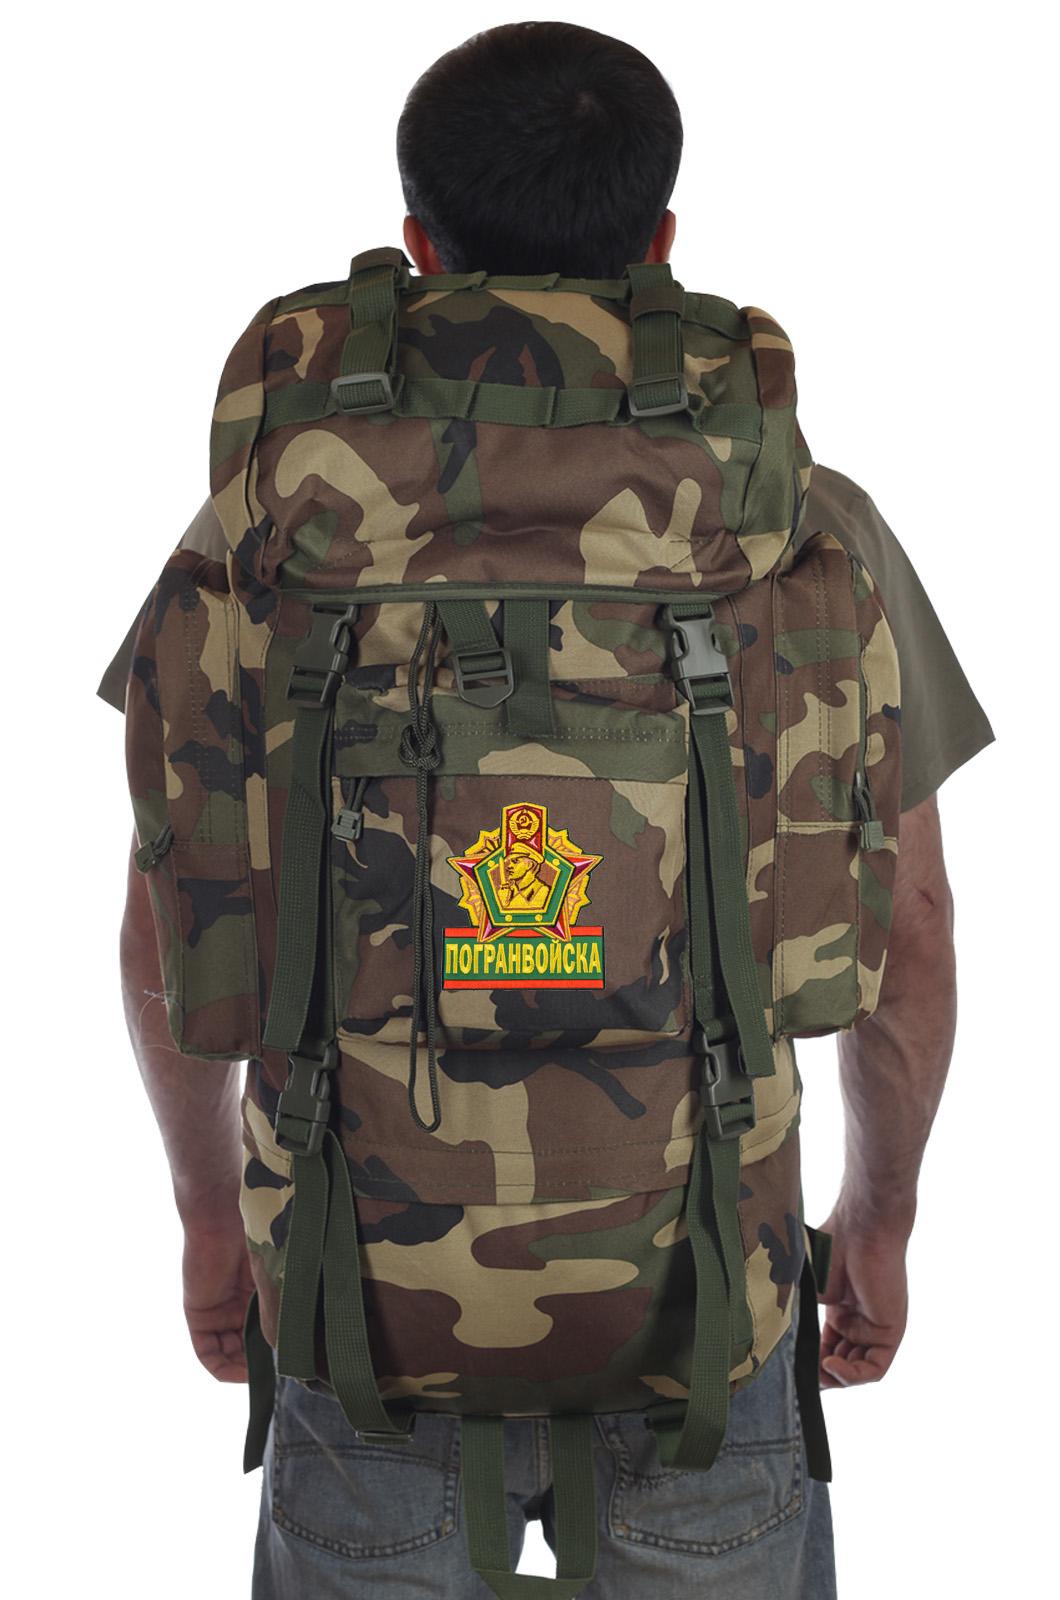 Армейские рюкзаки, Москва. Доставка по всей России